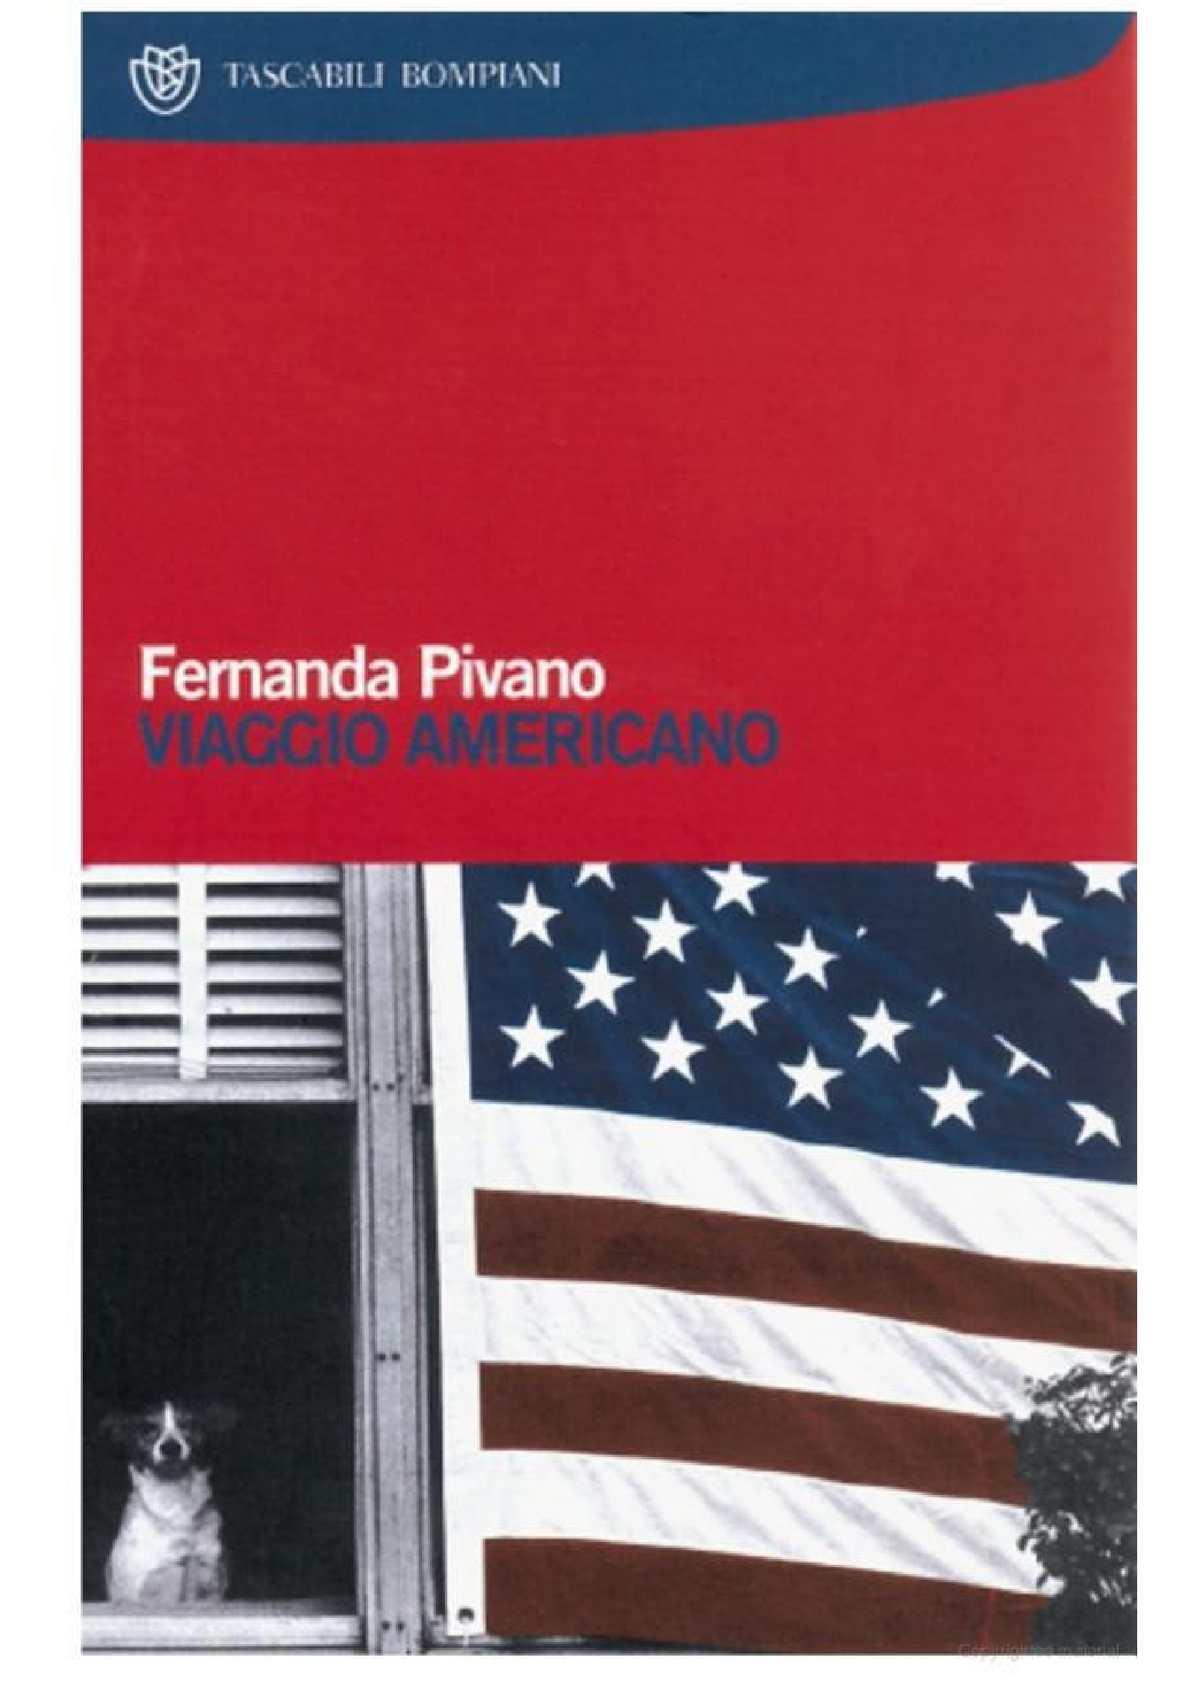 Calaméo - Fernanda Pivano Viaggio Americano df1b74112d2